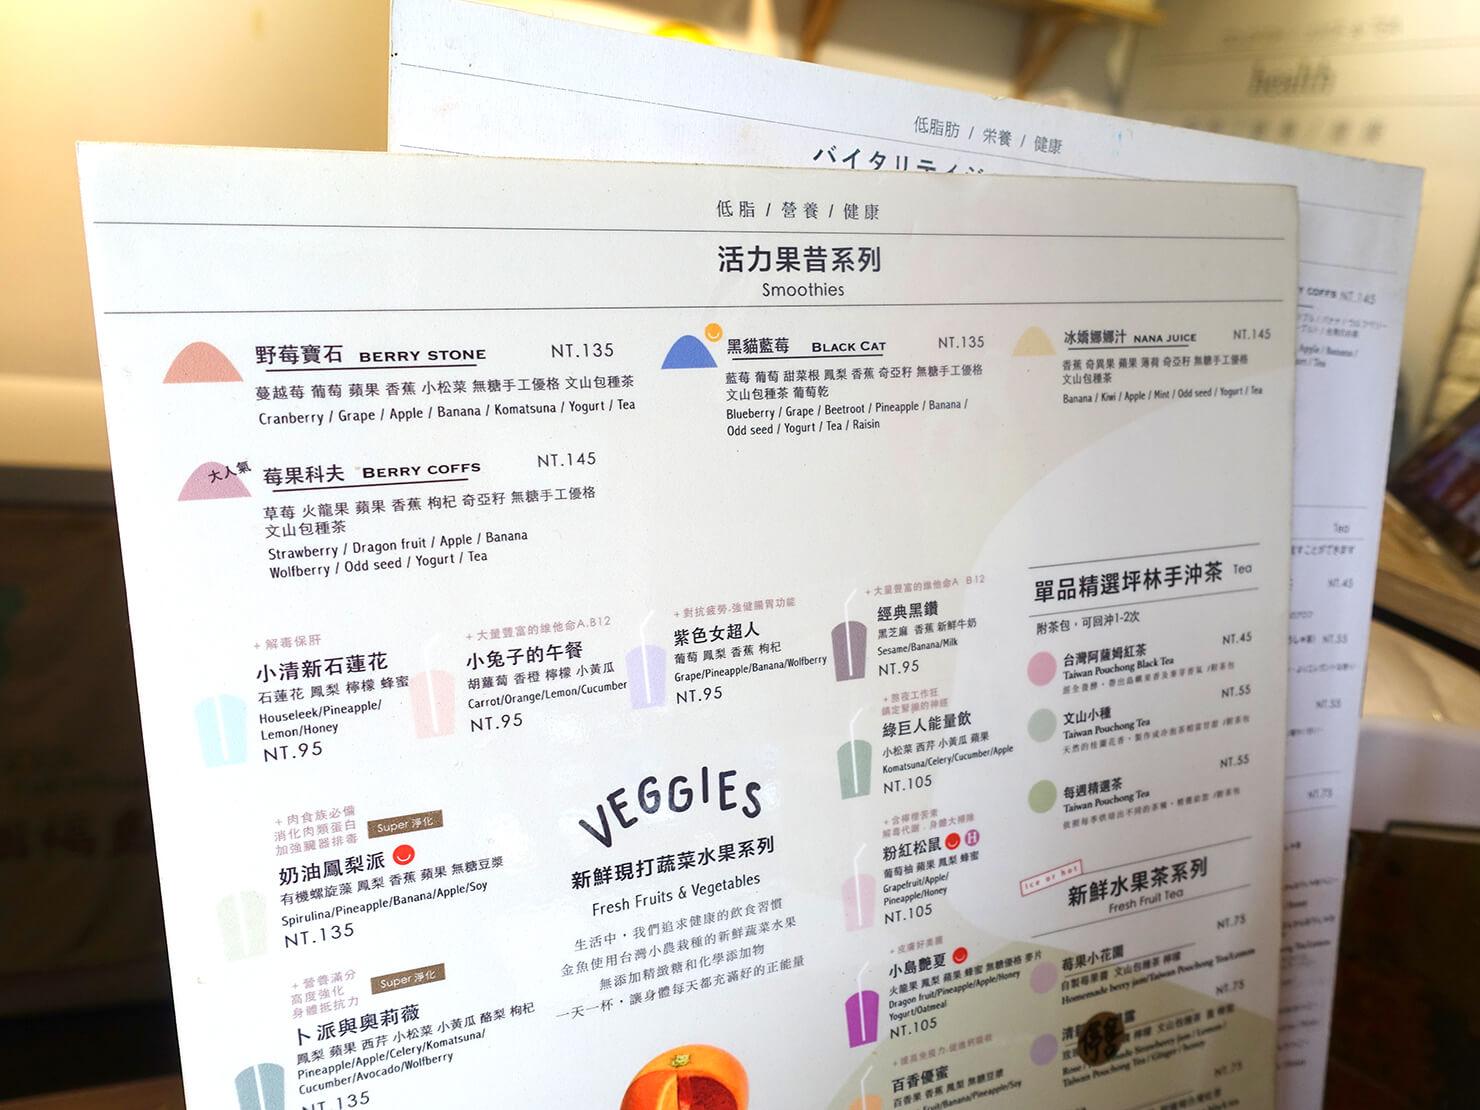 台北101エリア・MRT市政府駅周辺のおすすめグルメ店「金魚健康果昔」のメニュー